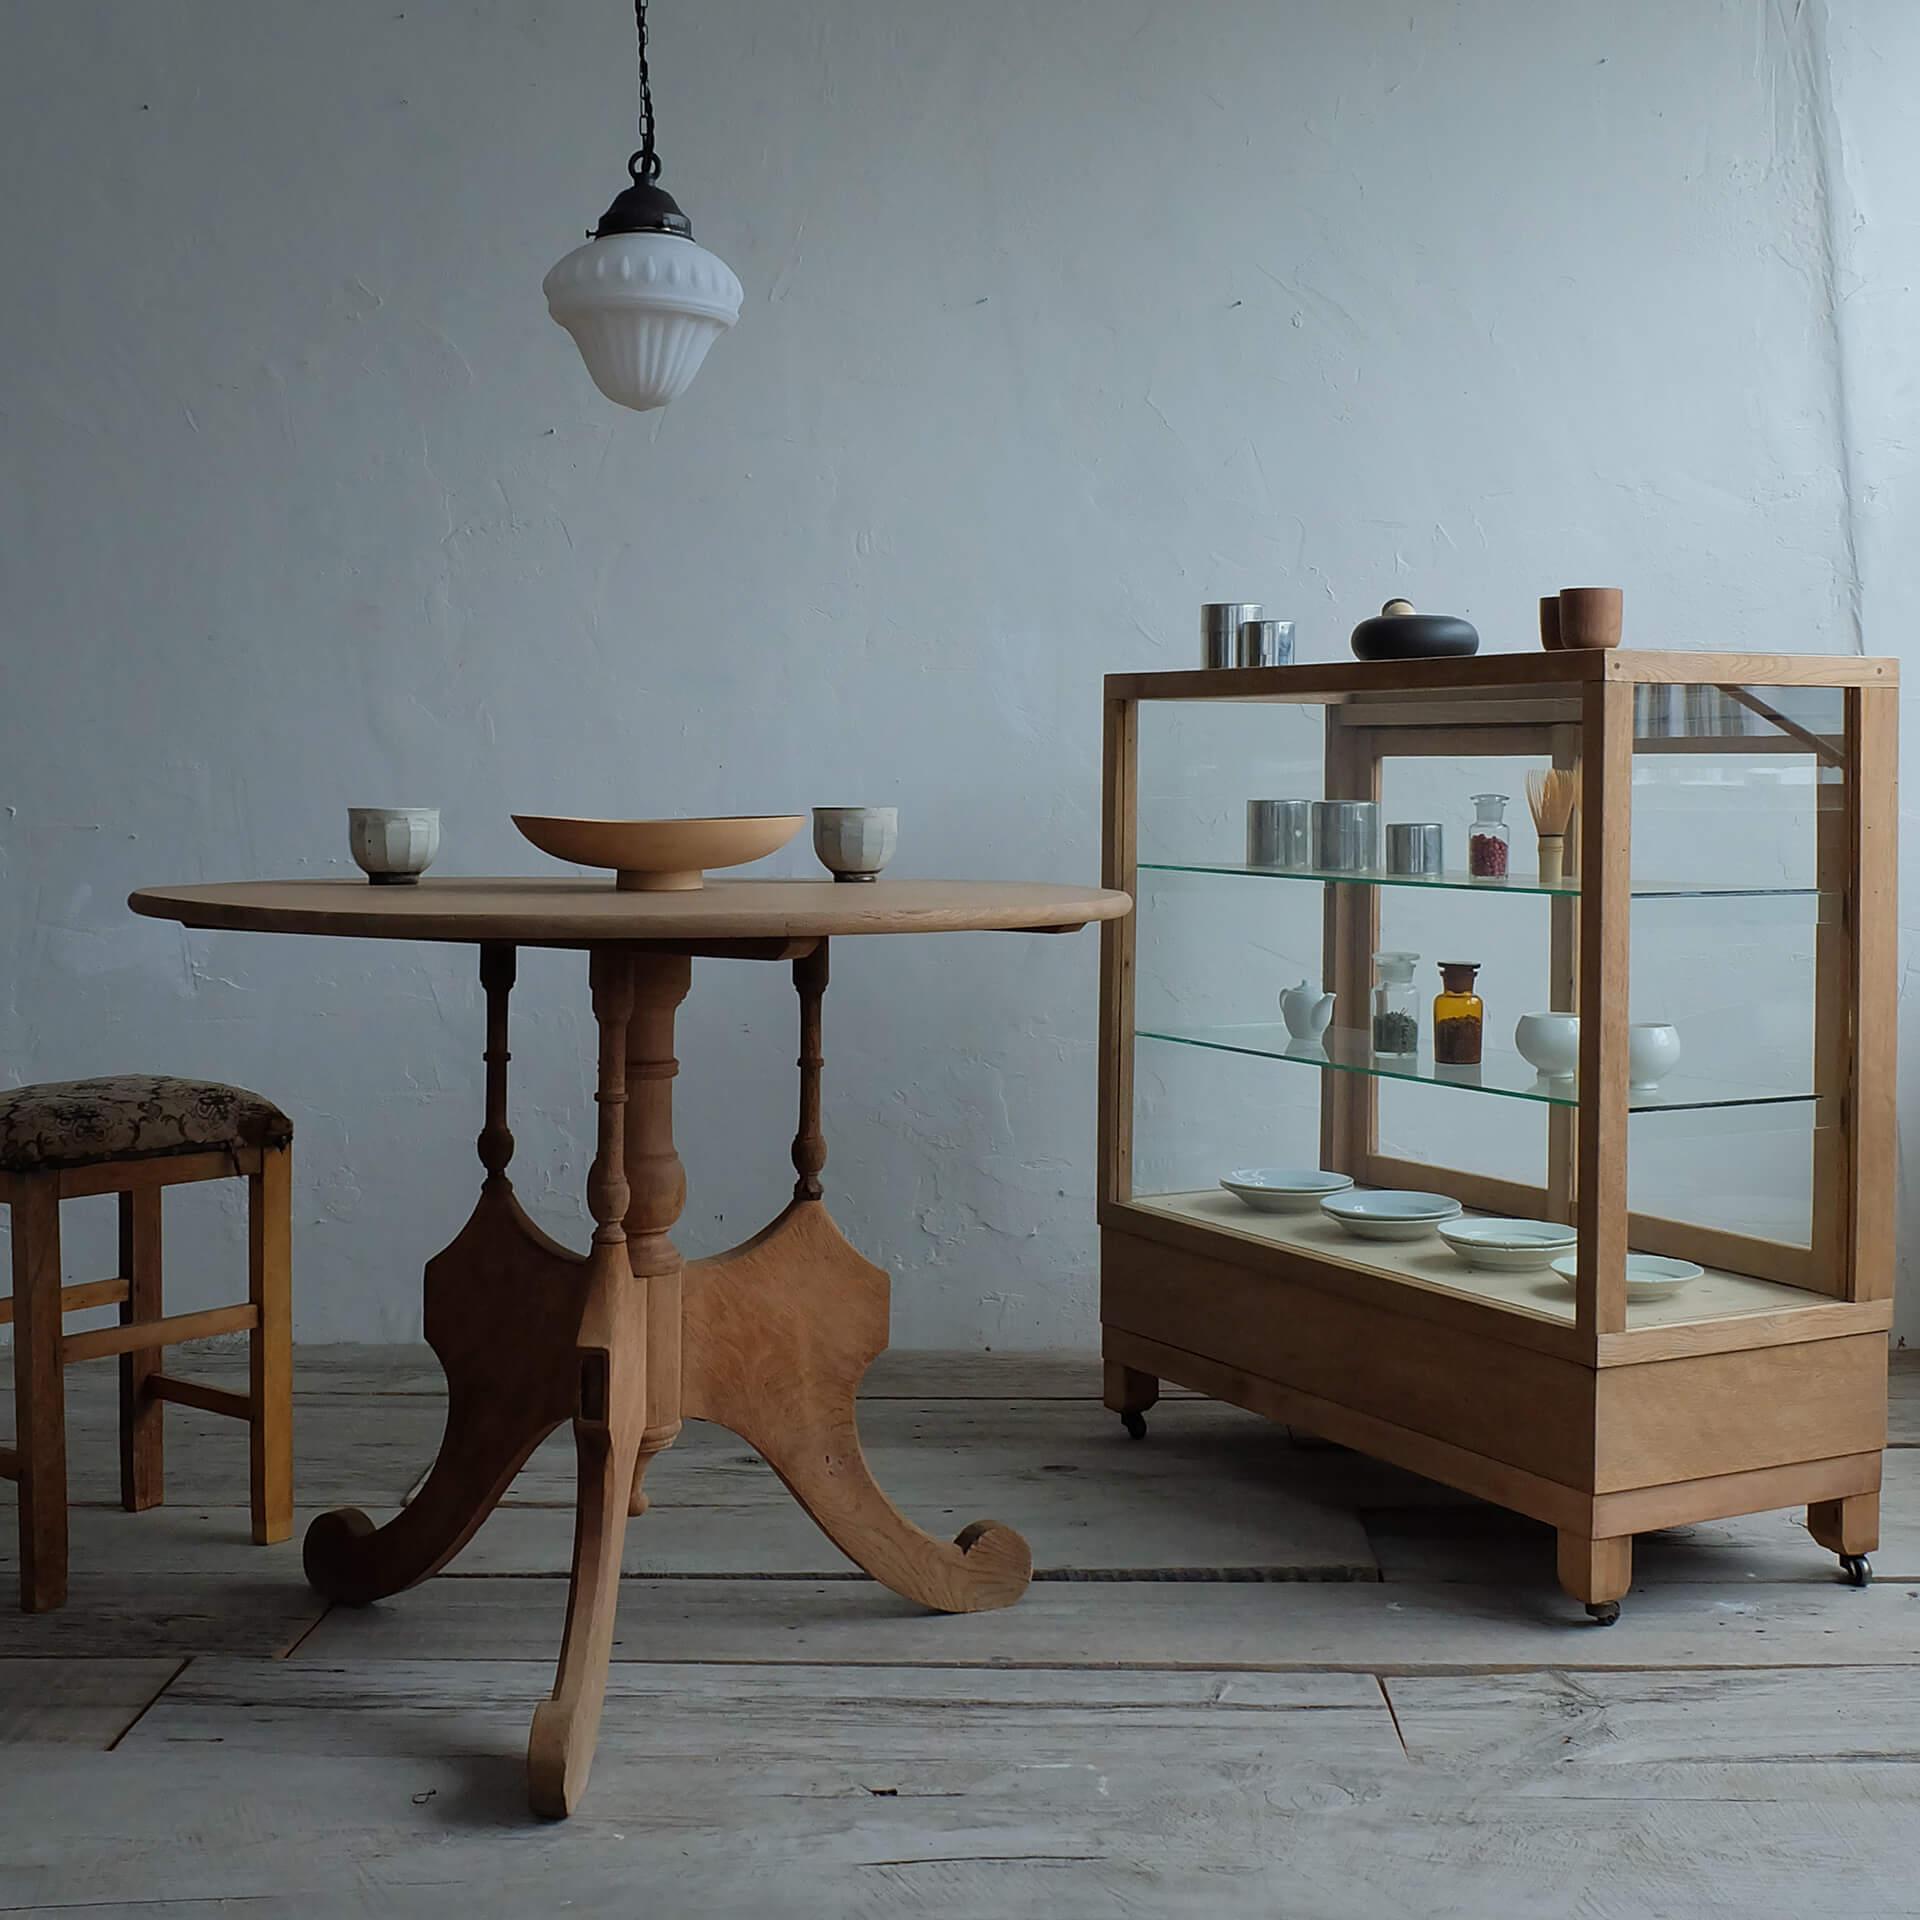 この写真はイッカポップアップストアで販売される家具やテーブルの集合写真